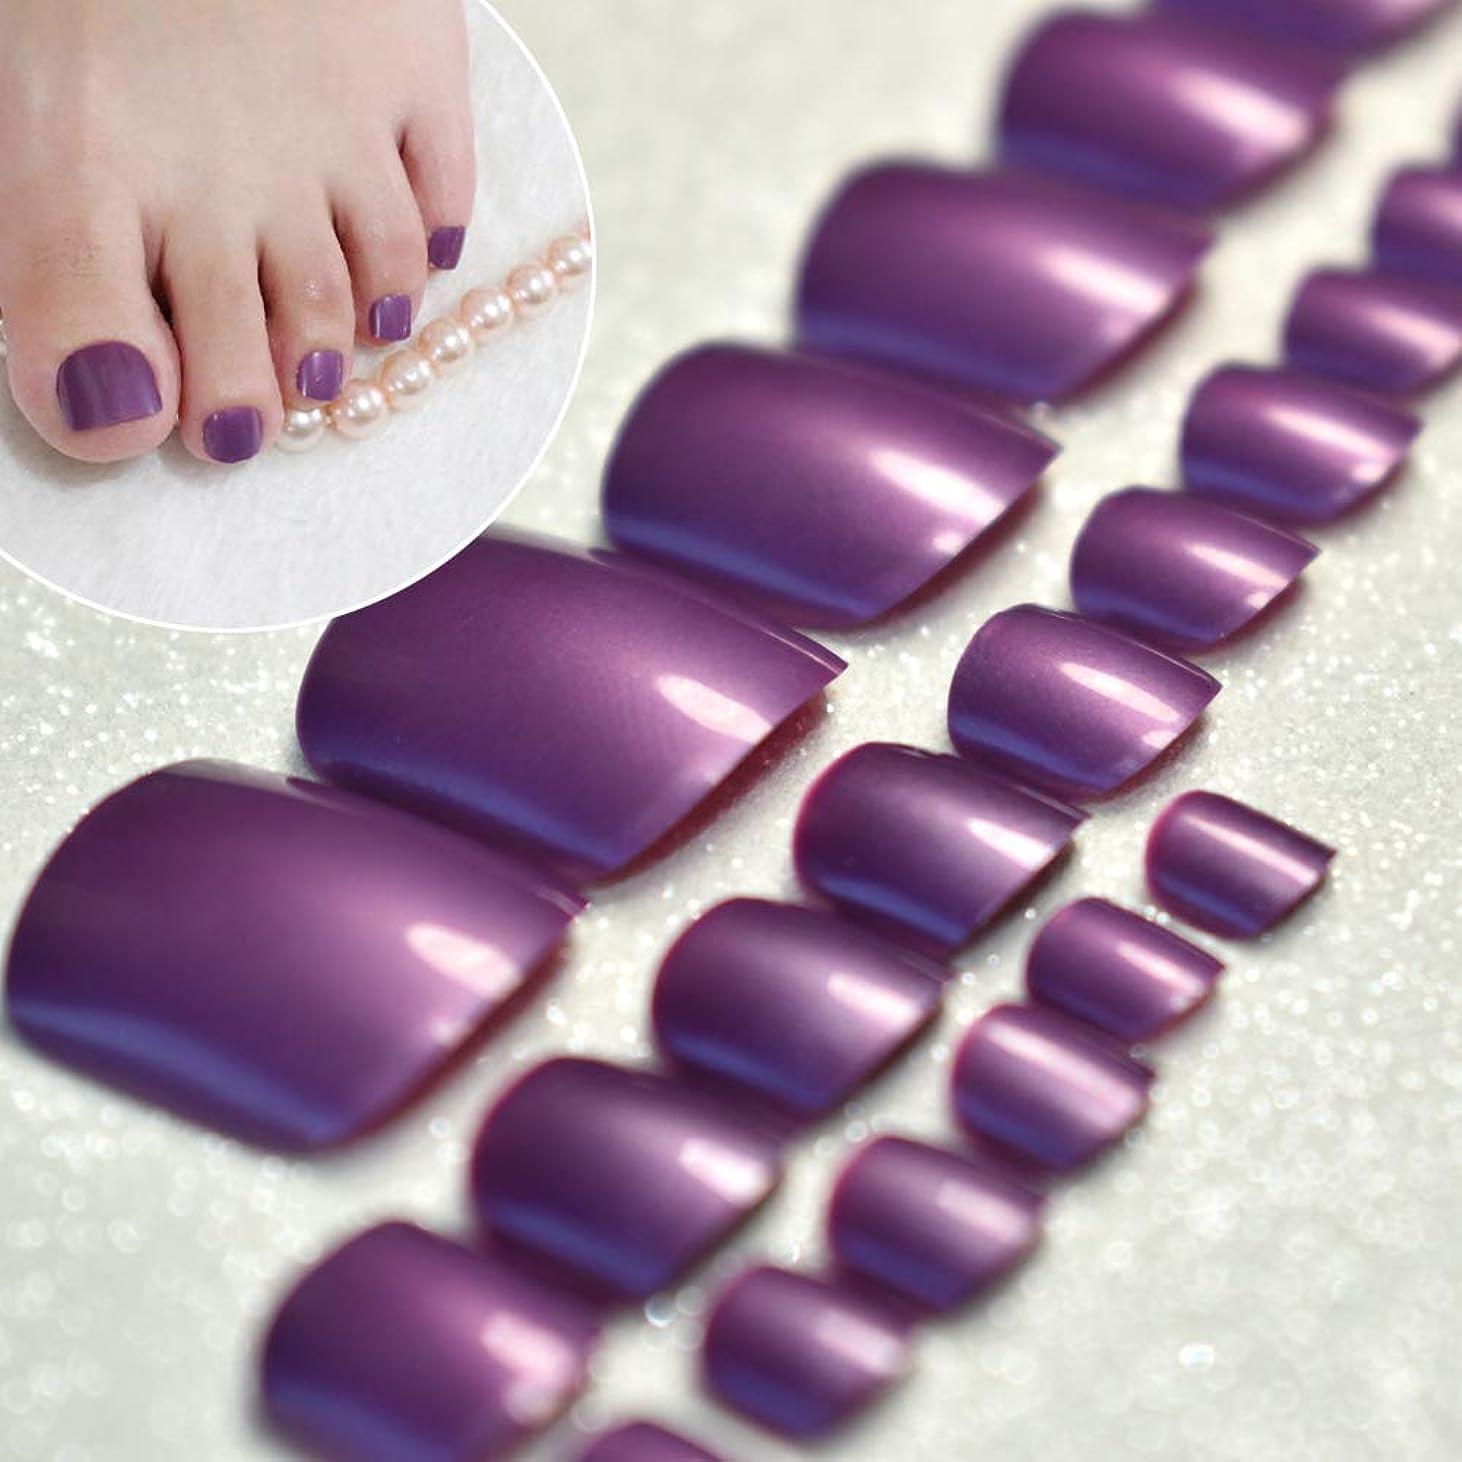 散歩残酷な郡XUTXZKA 足の爪のためのきらめく光沢のあるグレープパープルネイルのヒント足のためのお菓子祭りの偽の足指24本